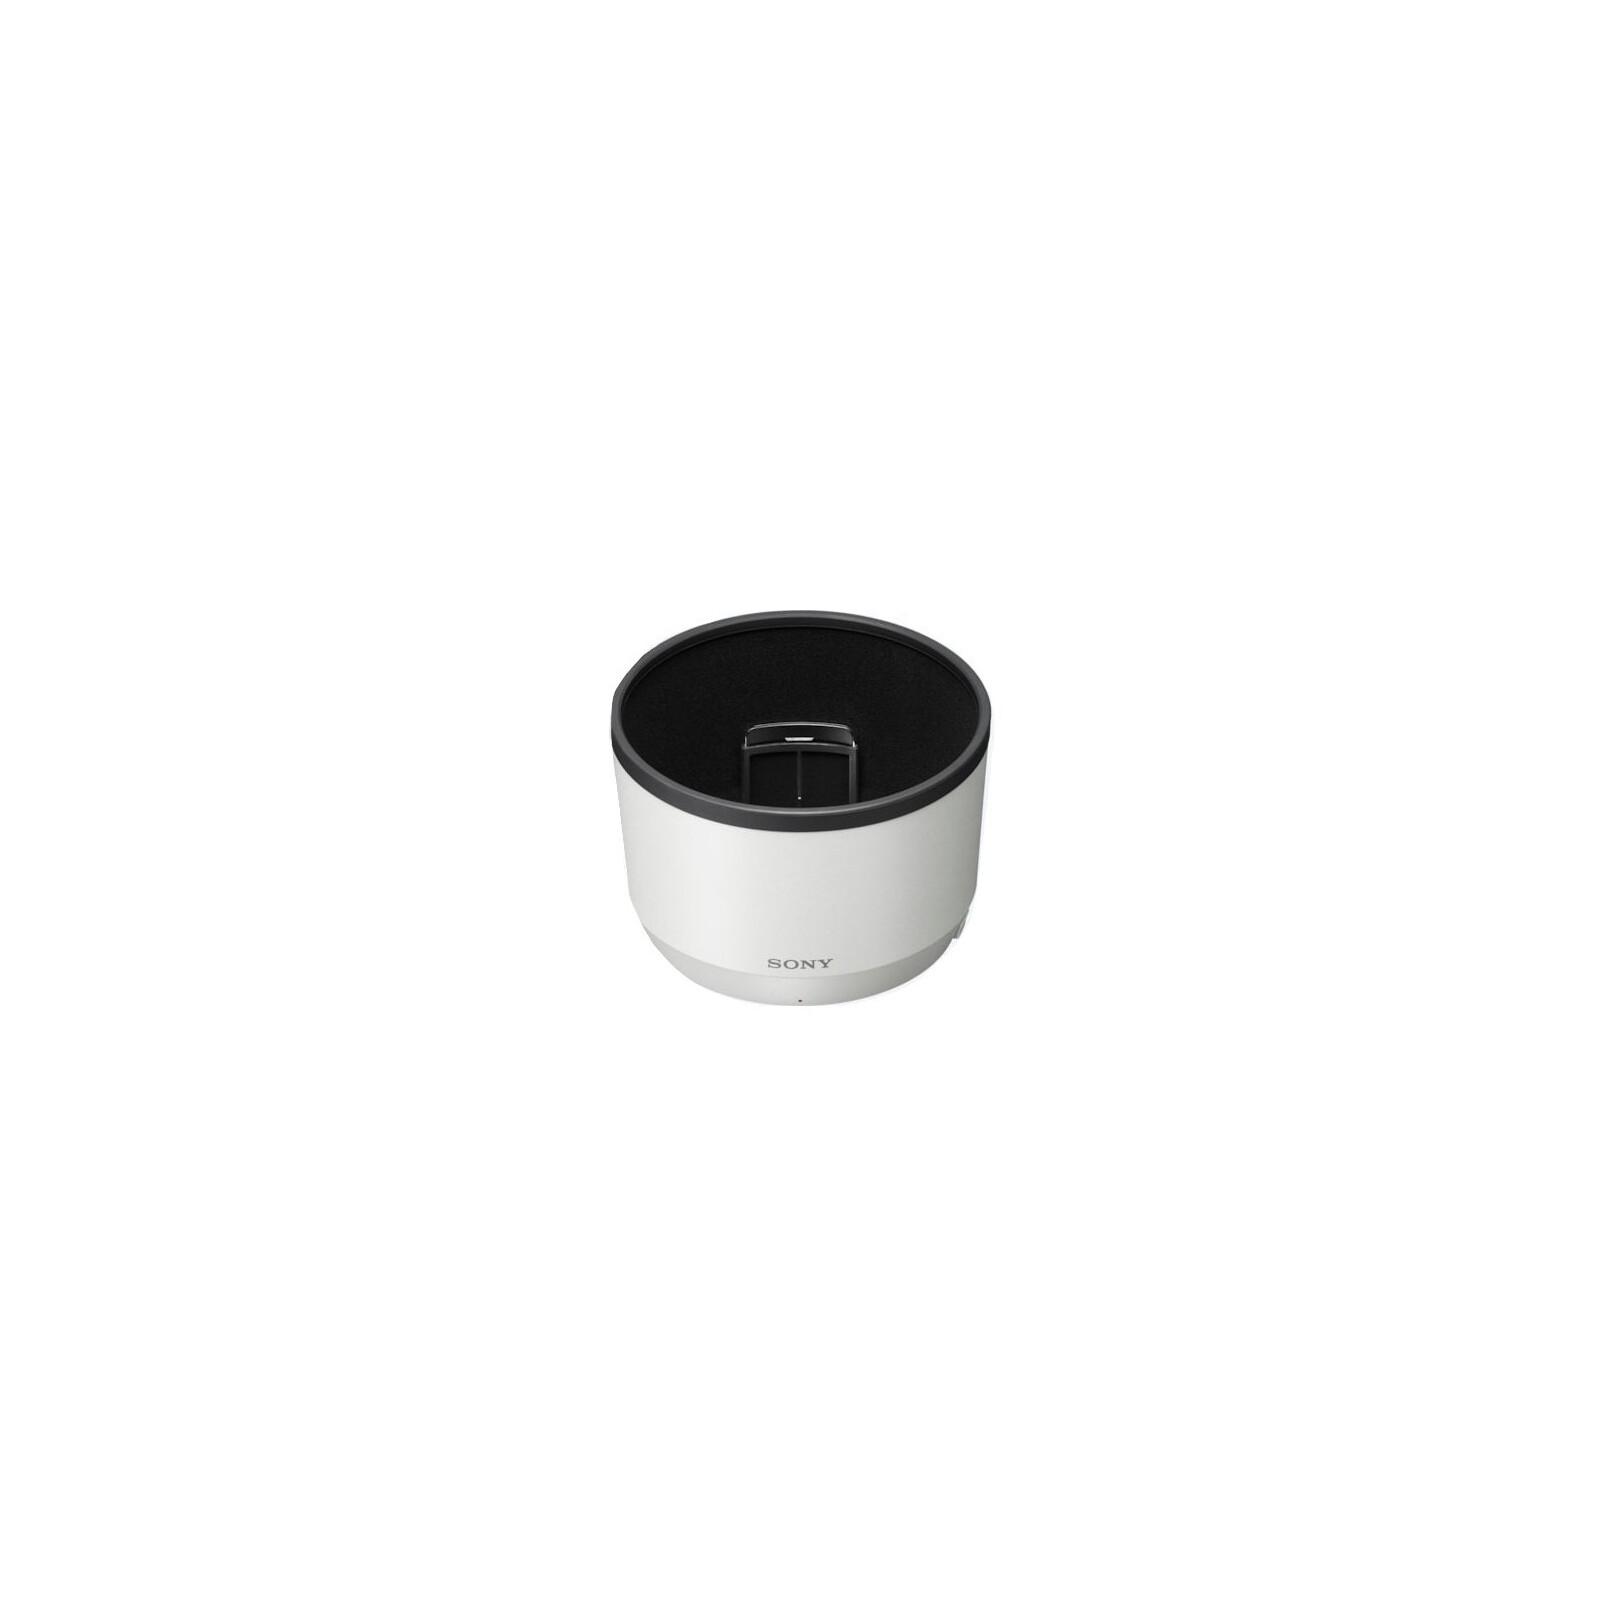 Sony ALC-SH151 Gegenlichtblende